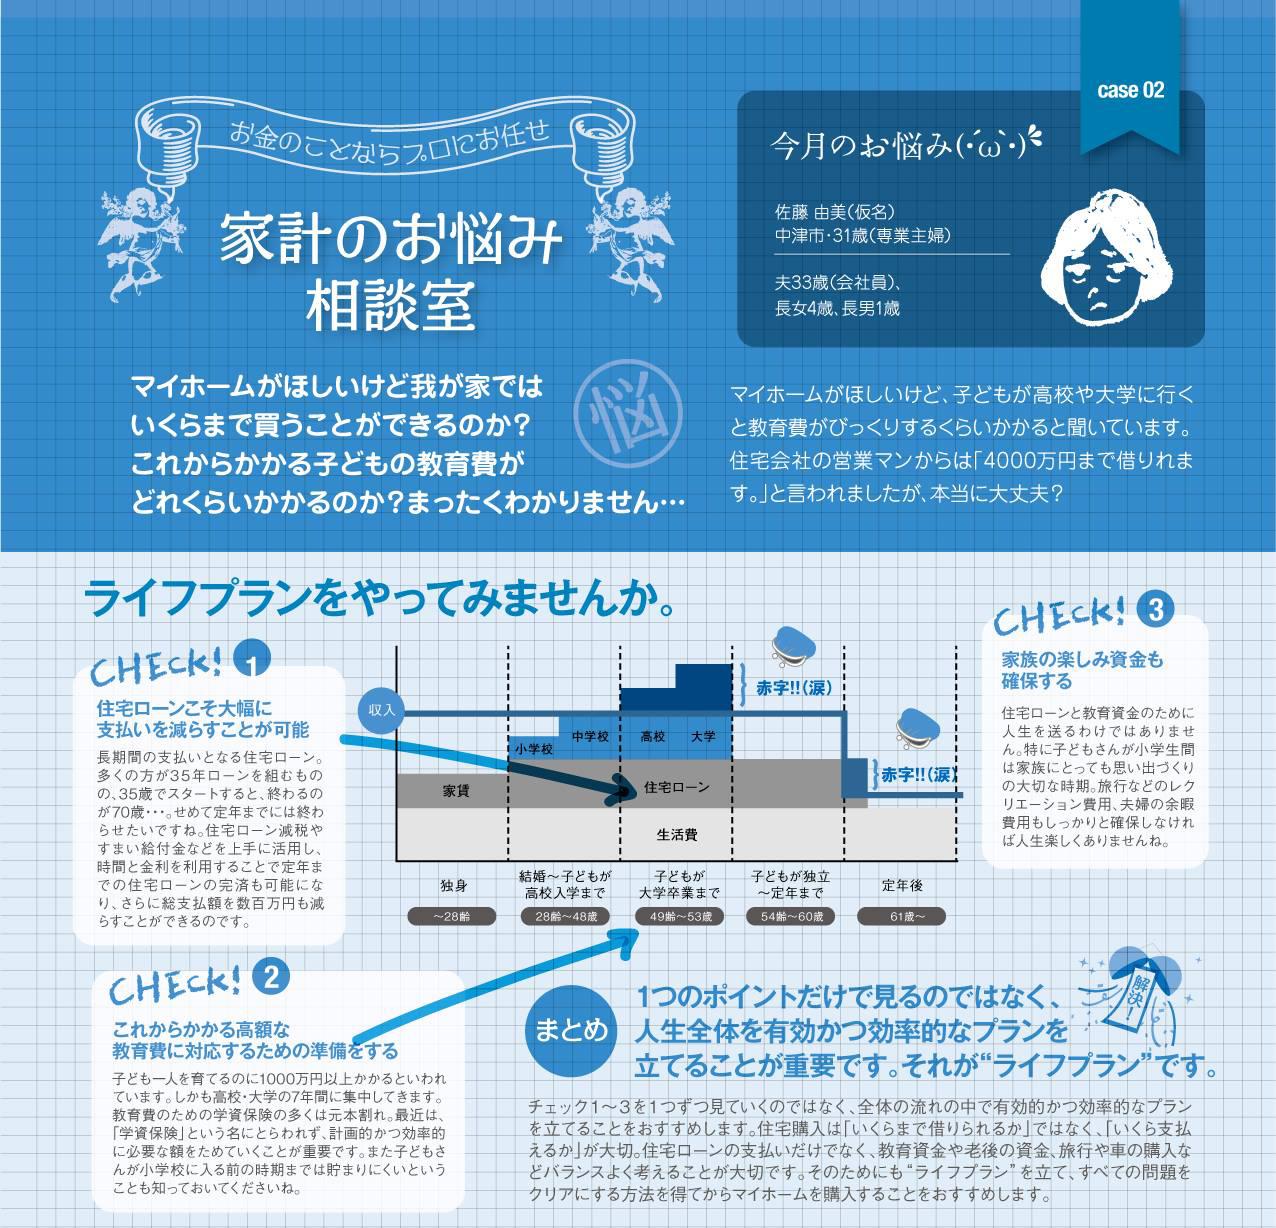 【終了】マネーセミナー inハウスドゥ(中津)